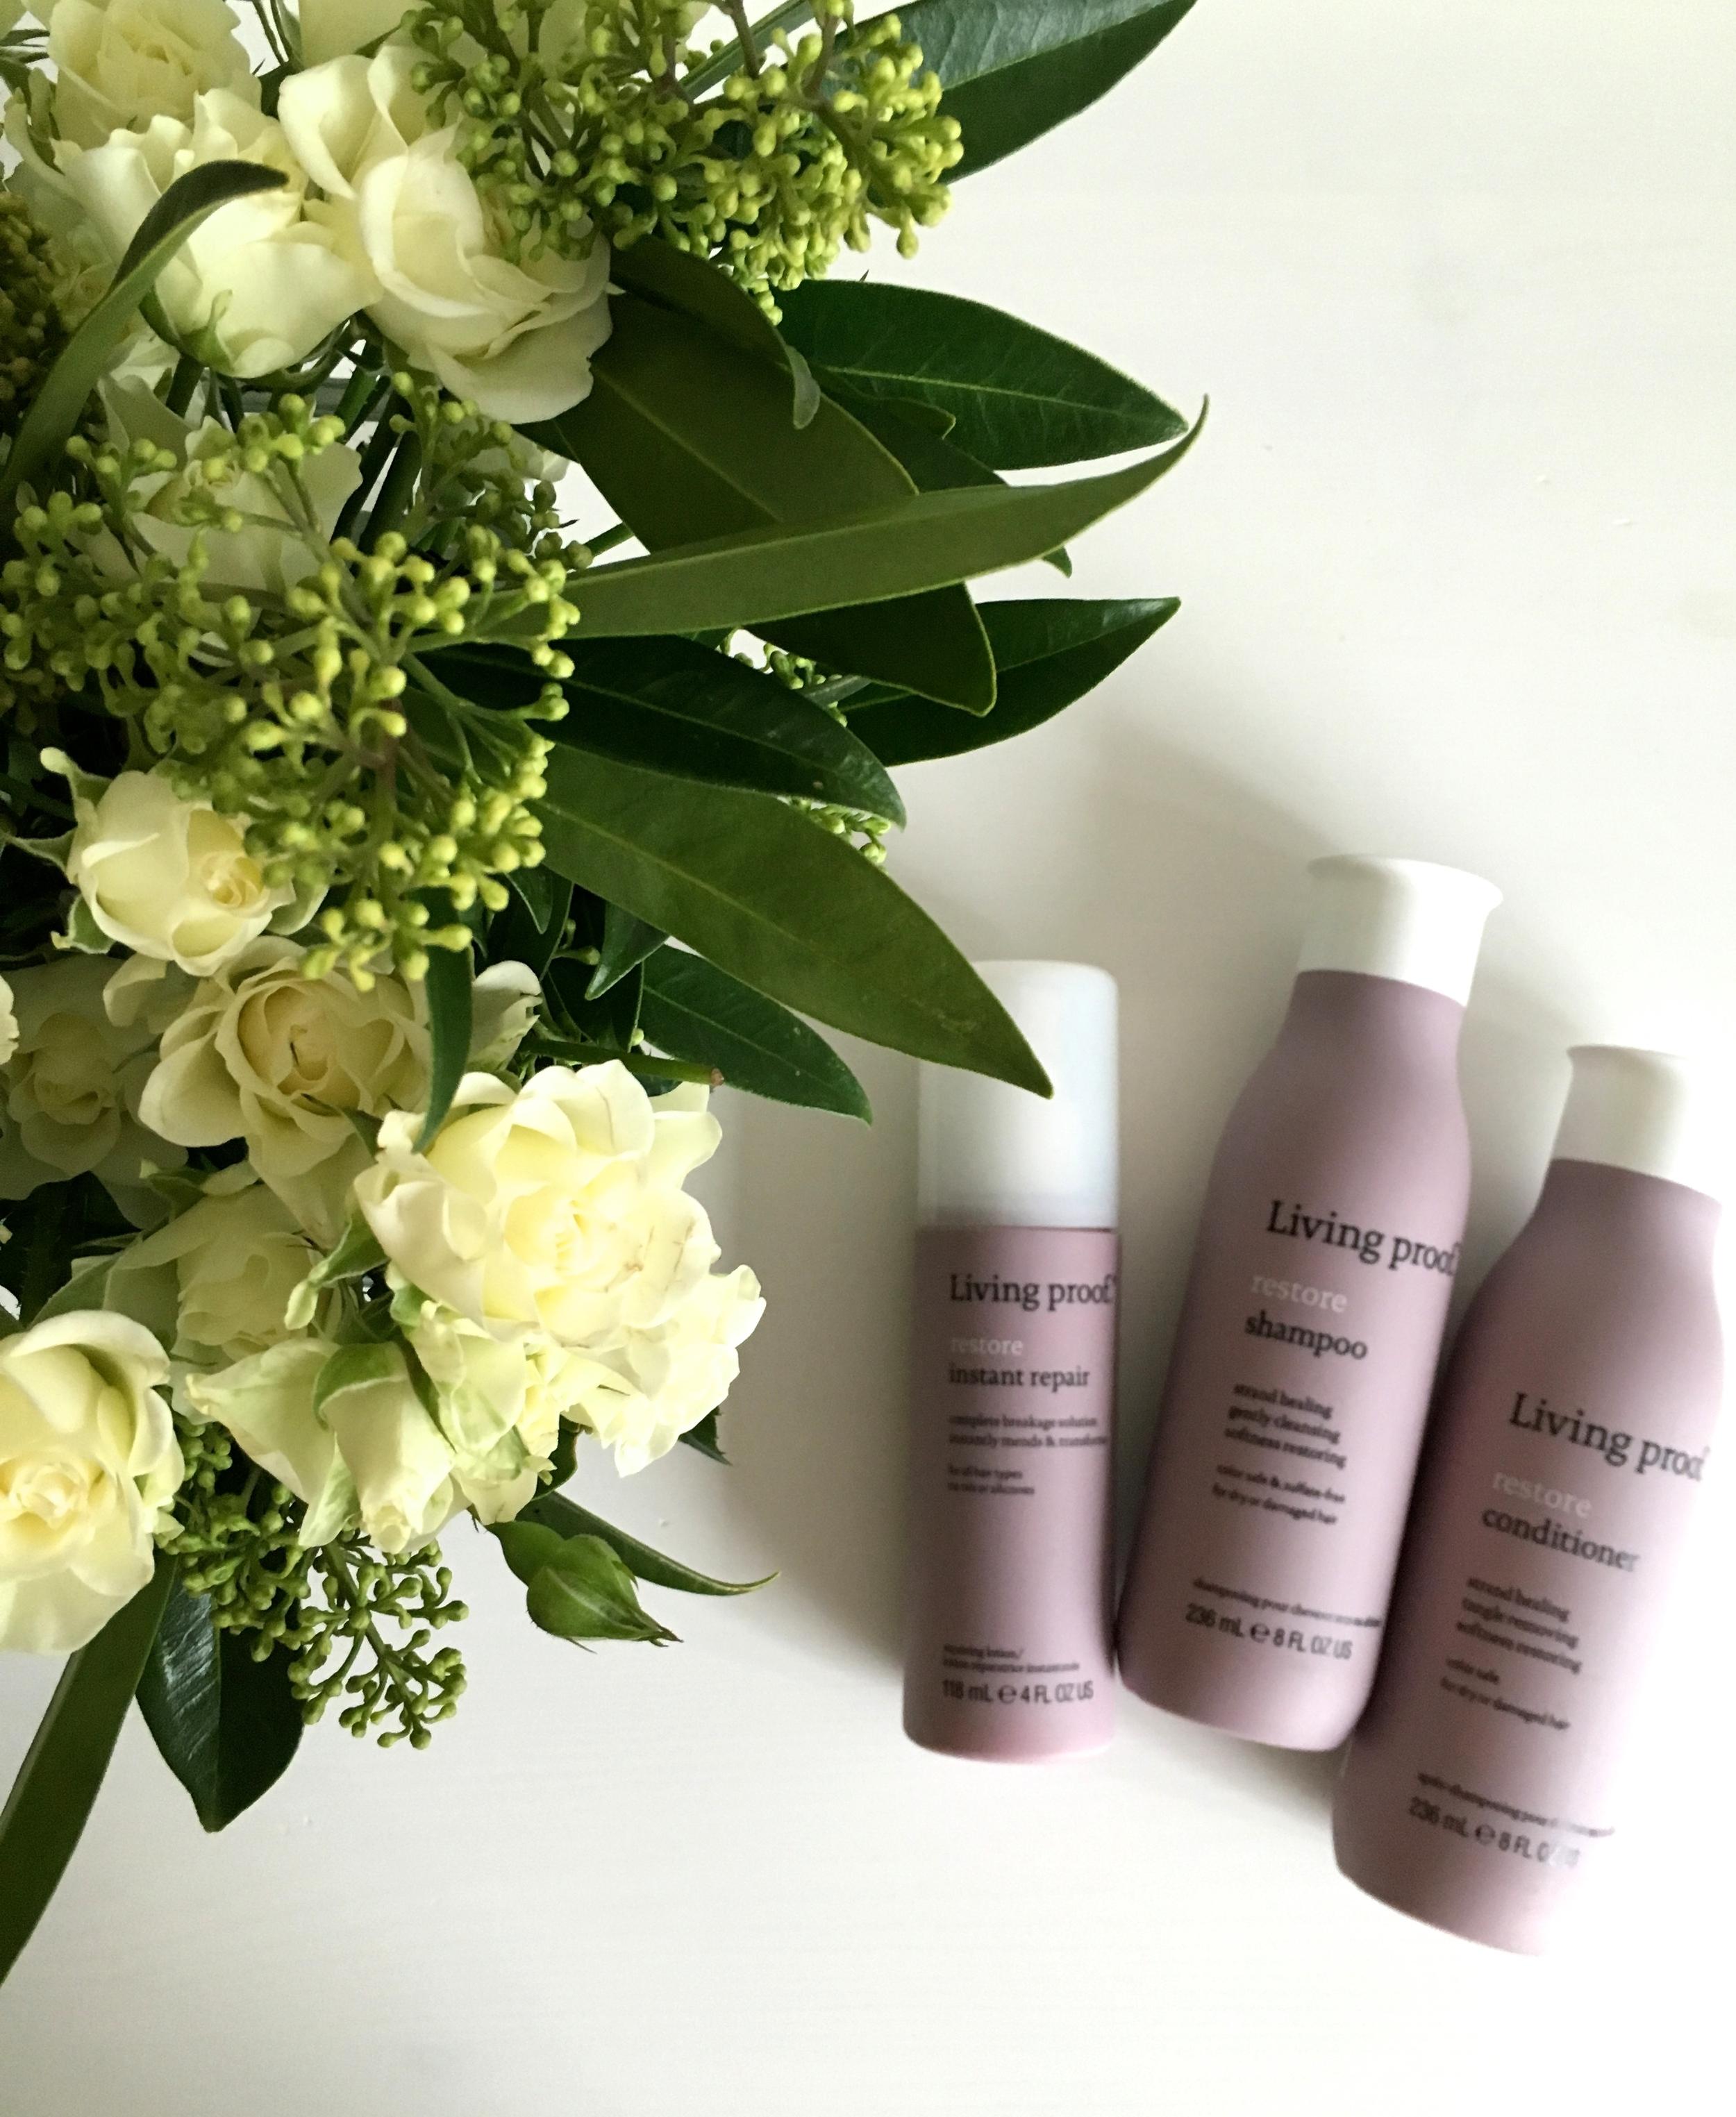 Living Proof Restore  Shampoo, Conditioner & Instant Repair